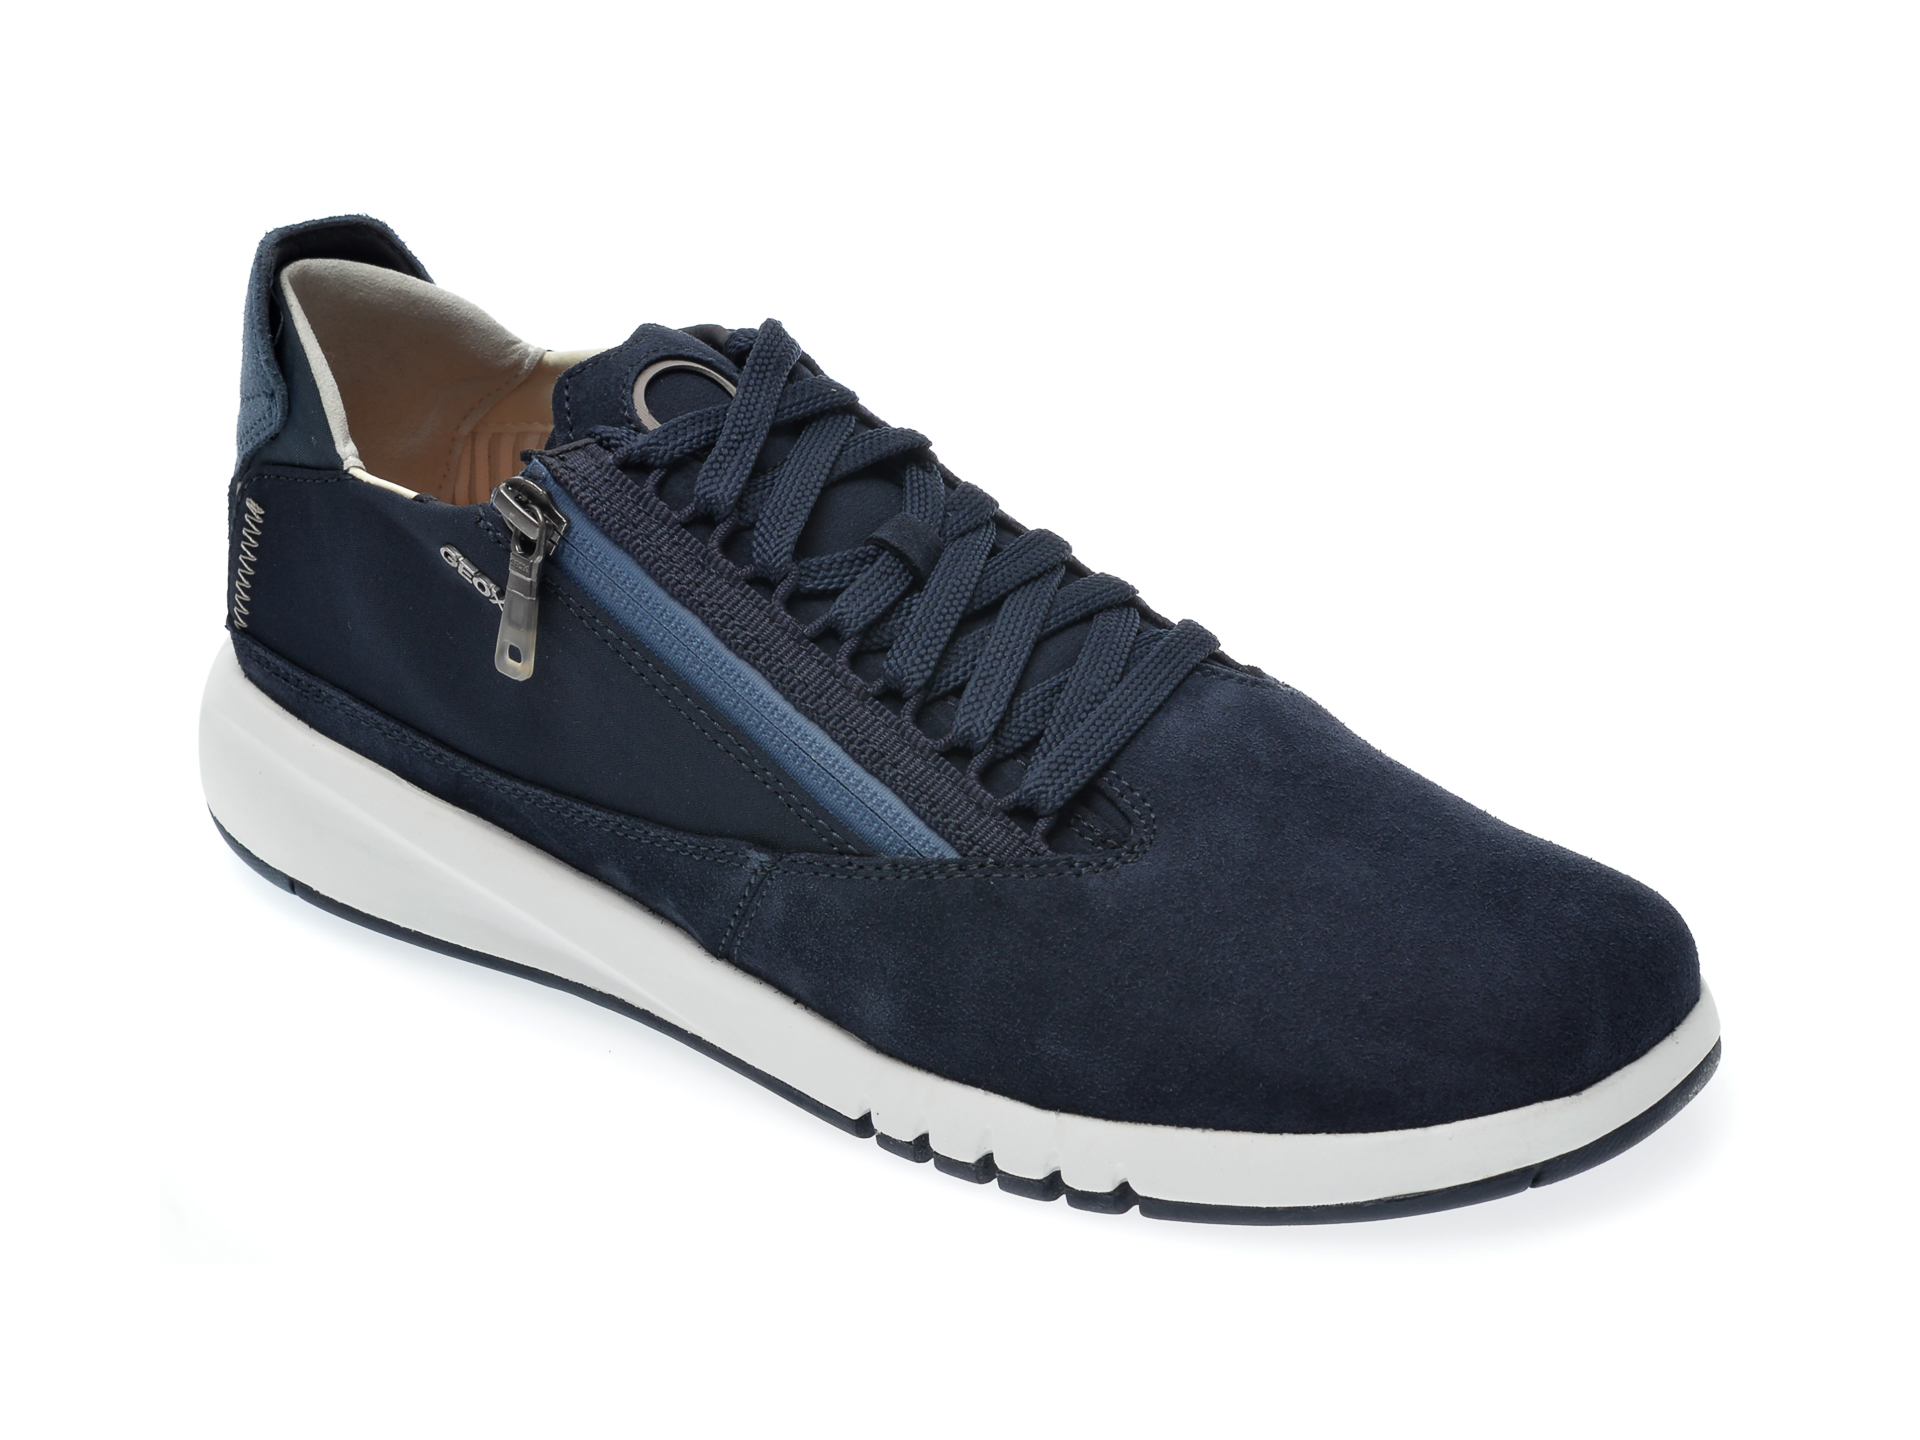 Pantofi GEOX bleumarin, U047FB, din piele intoarsa imagine